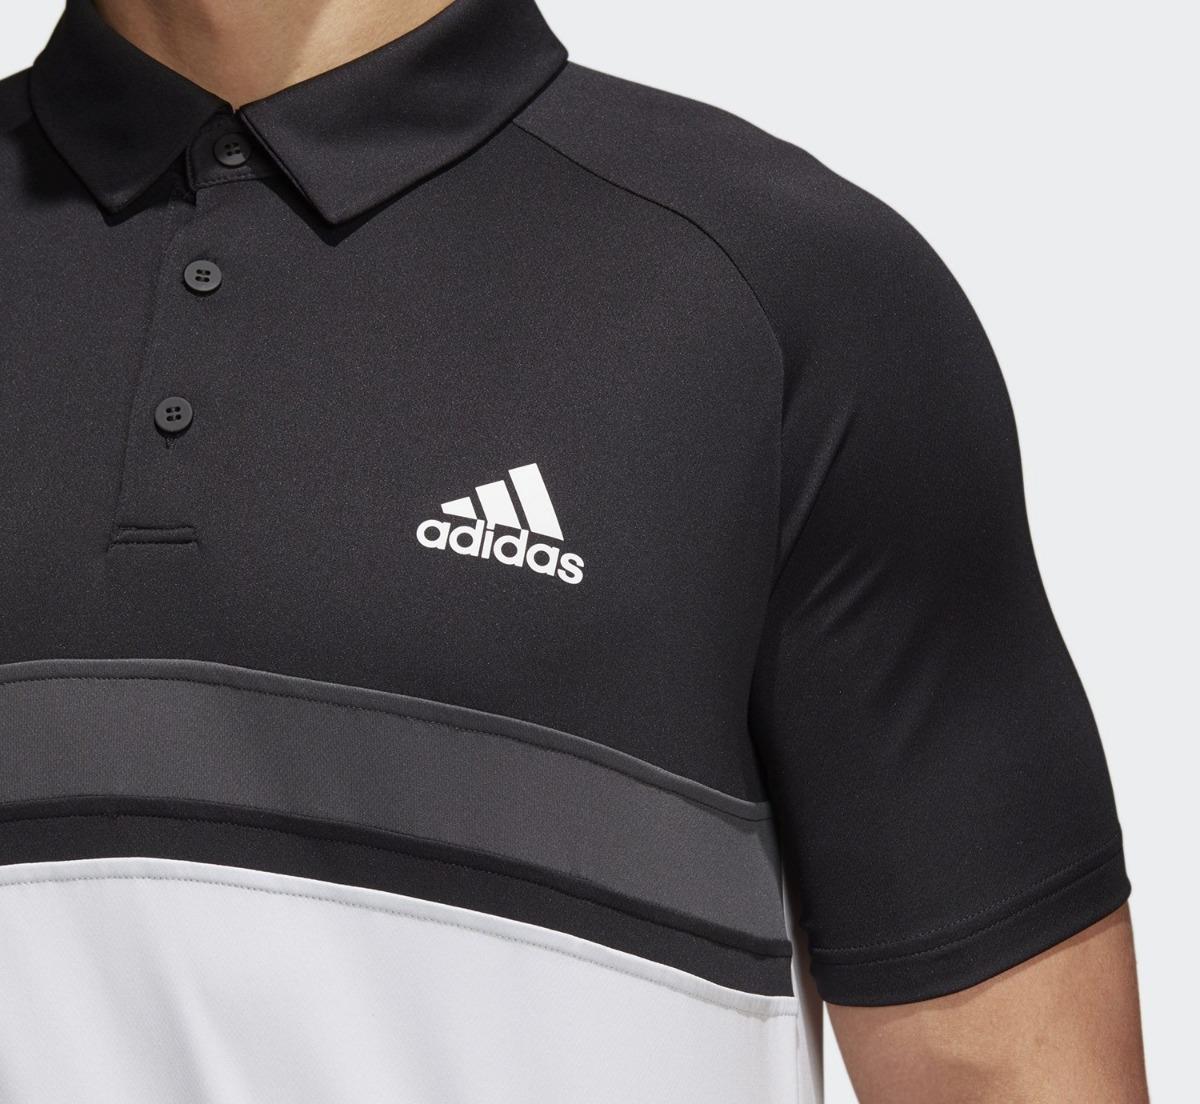 efb0dfee7 camisas masculinas adidas polo block club preta e branca. Carregando zoom.